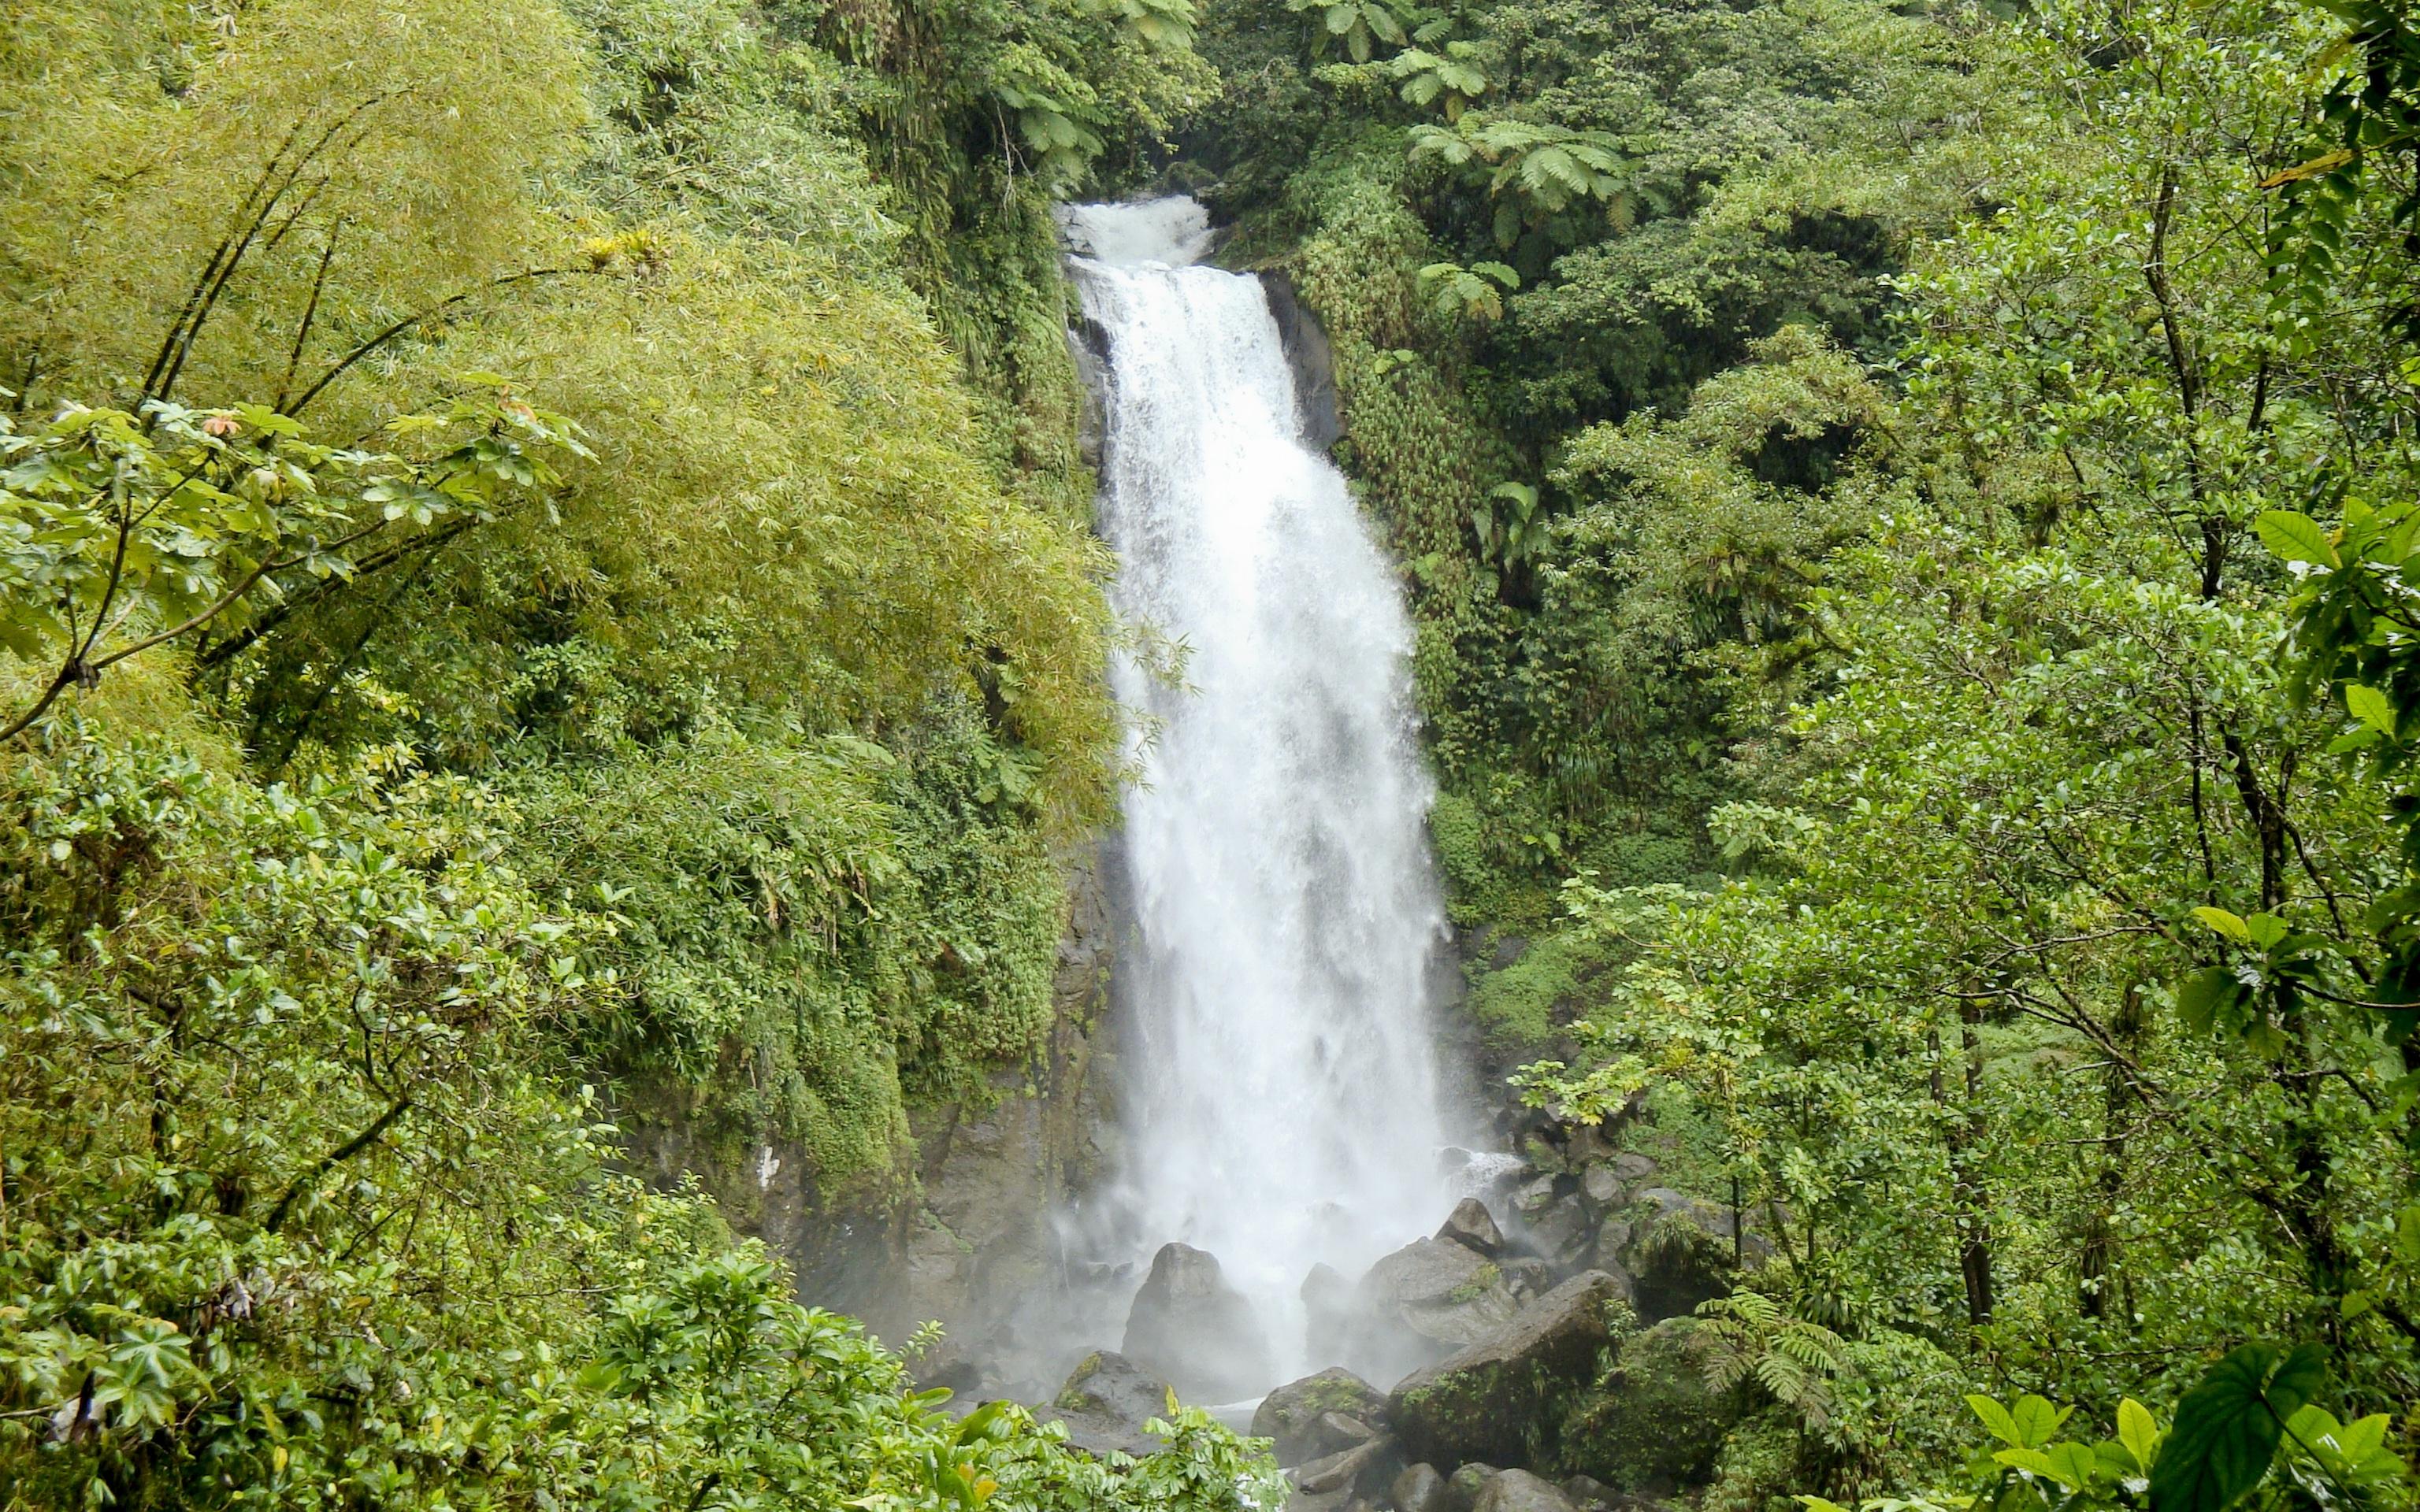 Grenada Waterfall Computer Wallpapers Desktop Backgrounds 3072x1920 3072x1920